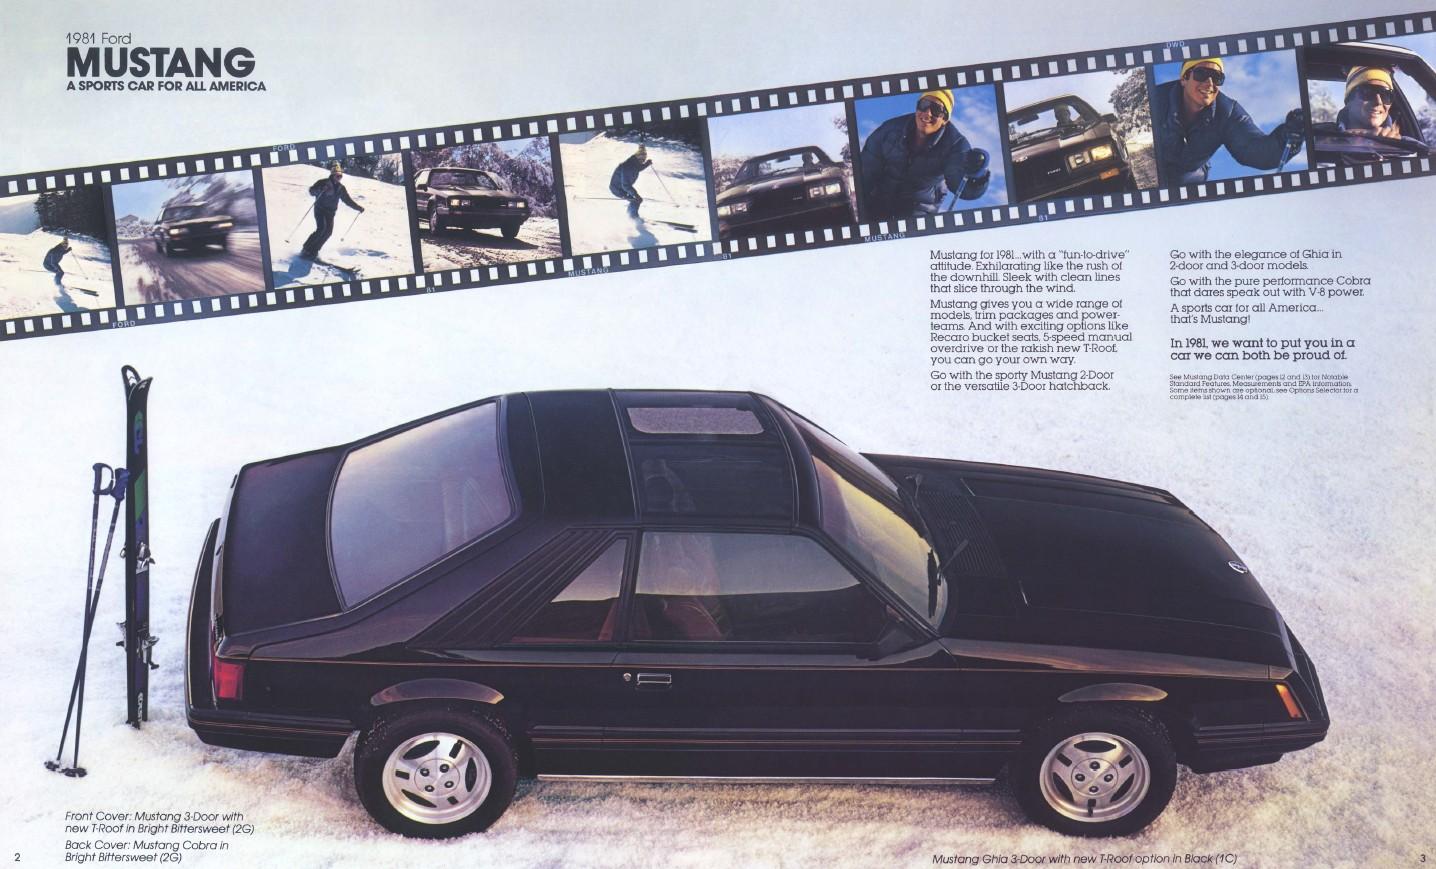 1981-ford-mustang-brochure-02.jpg